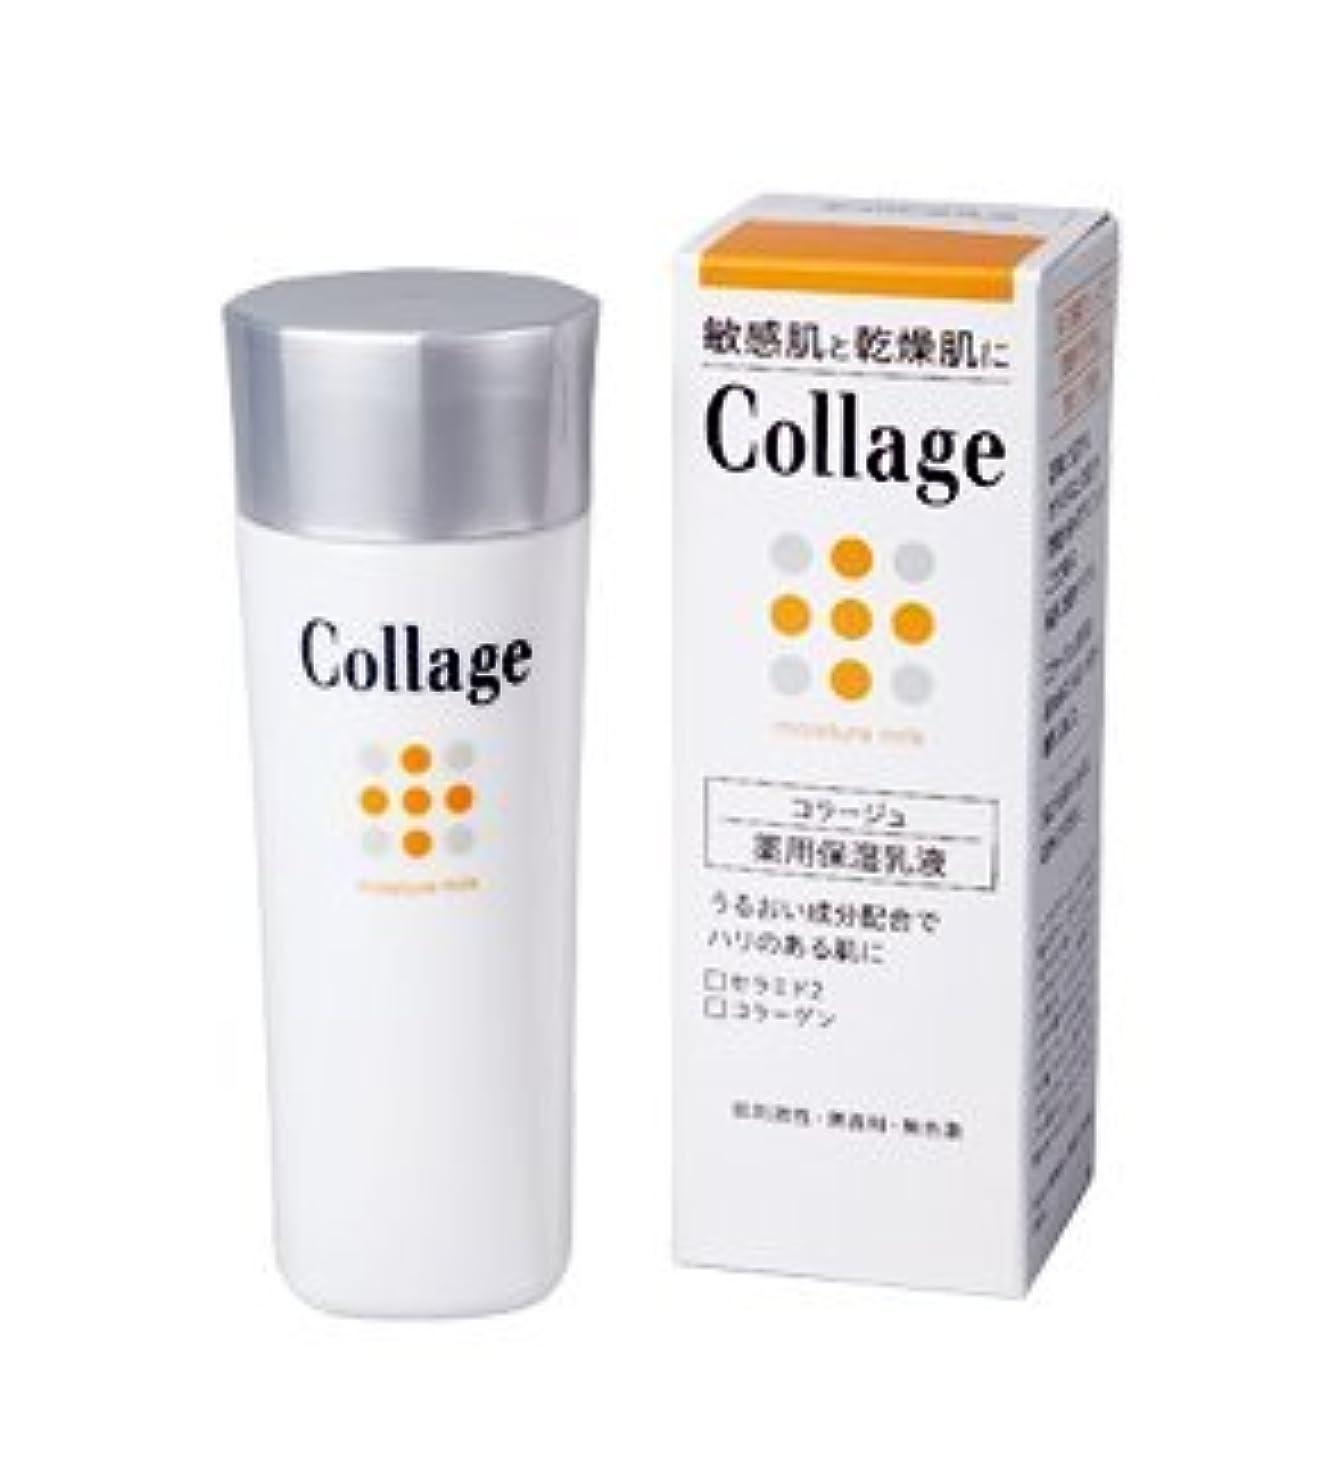 水素第四ブランチ【持田ヘルスケア】 コラージュ薬用保湿乳液 80ml (医薬部外品) ×4個セット